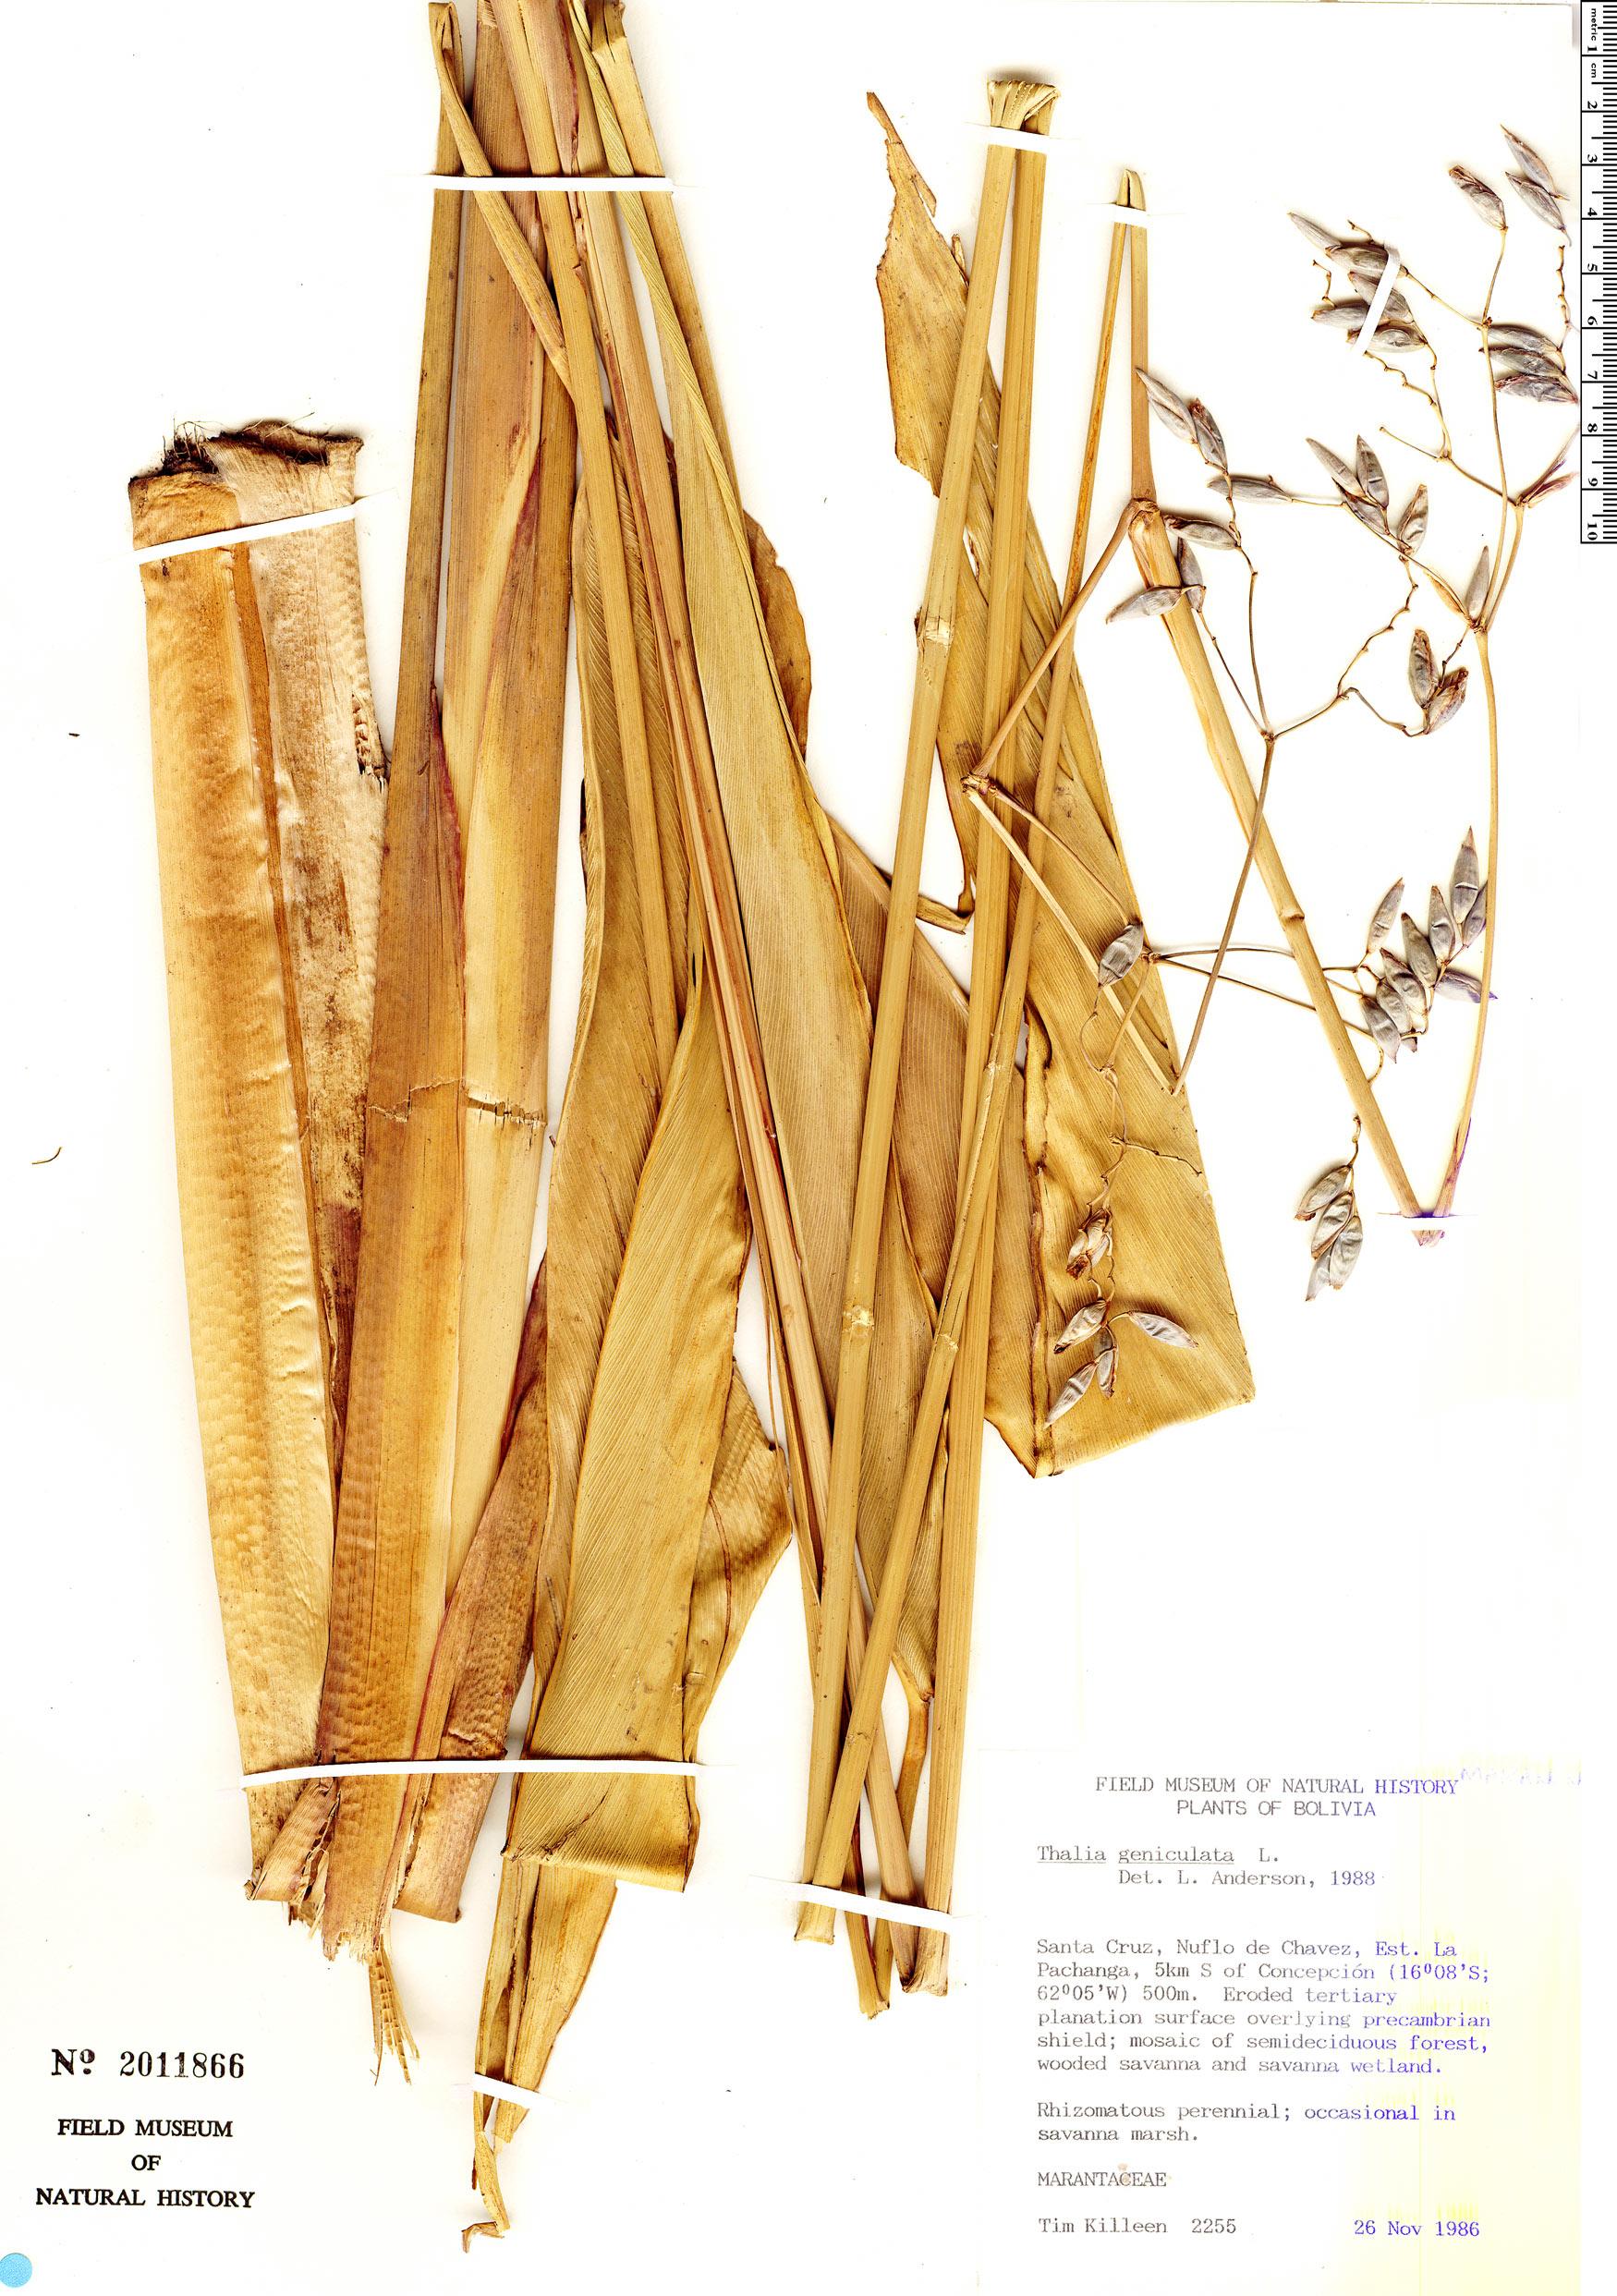 Specimen: Thalia geniculata